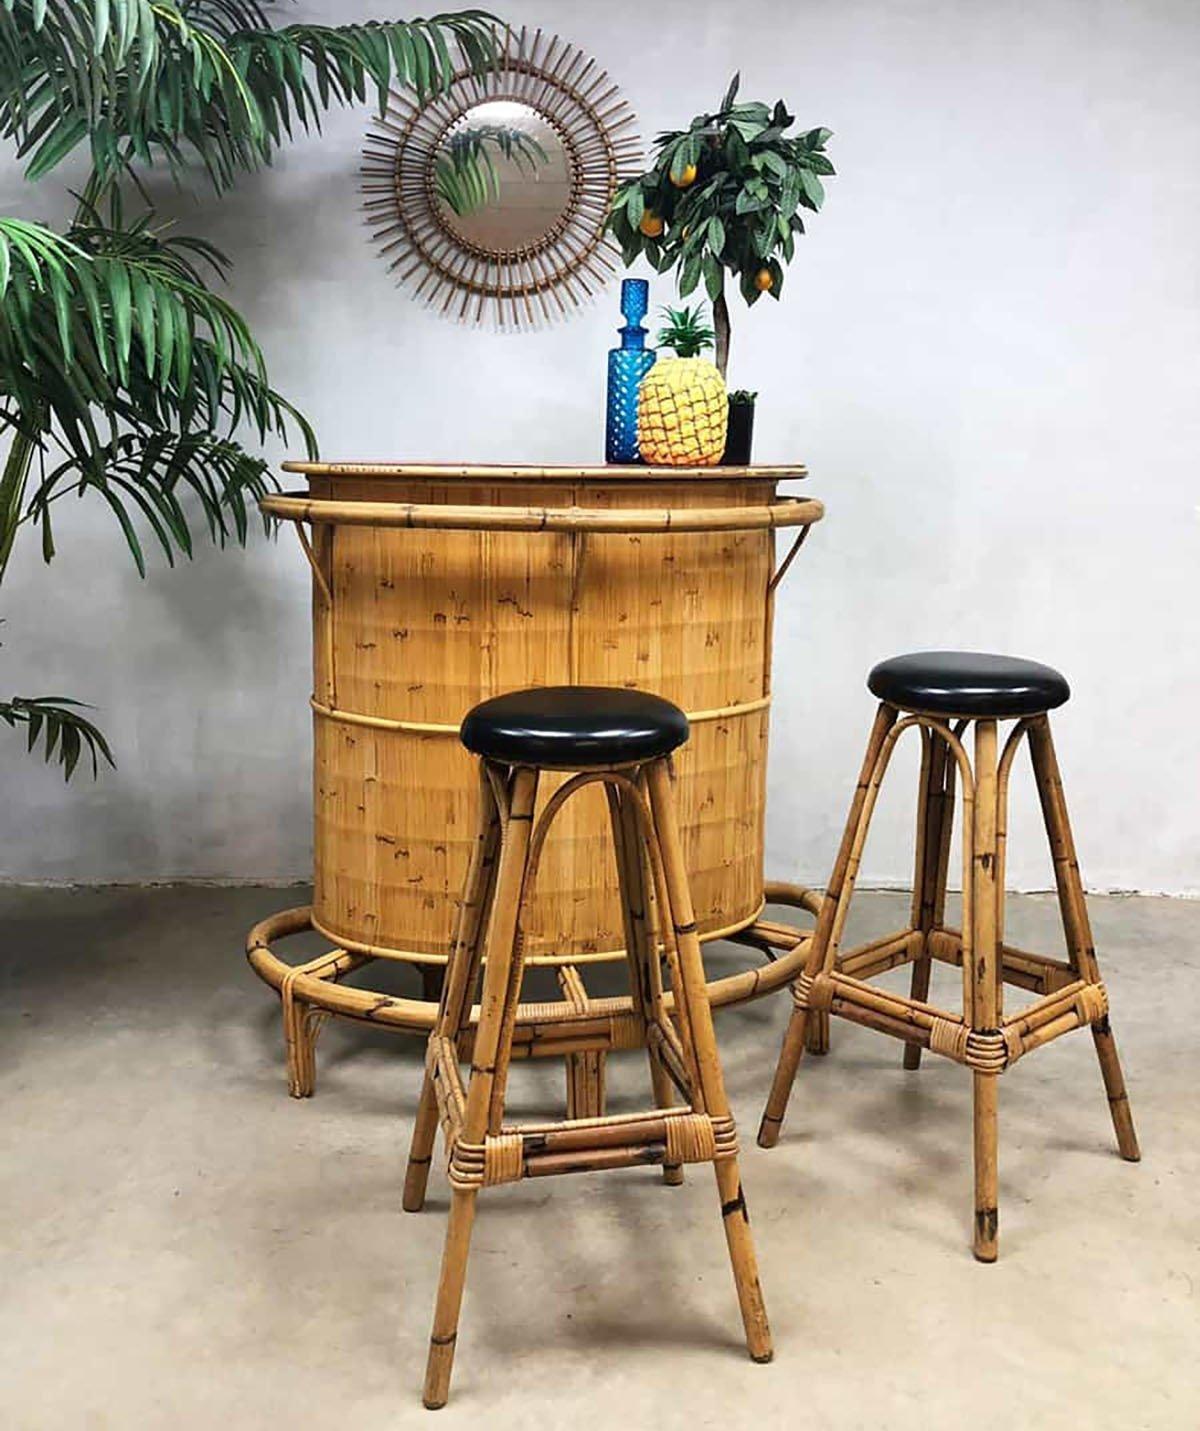 Vintage Bamboo Rattan Tiki Bar With 2 Barstools 96428